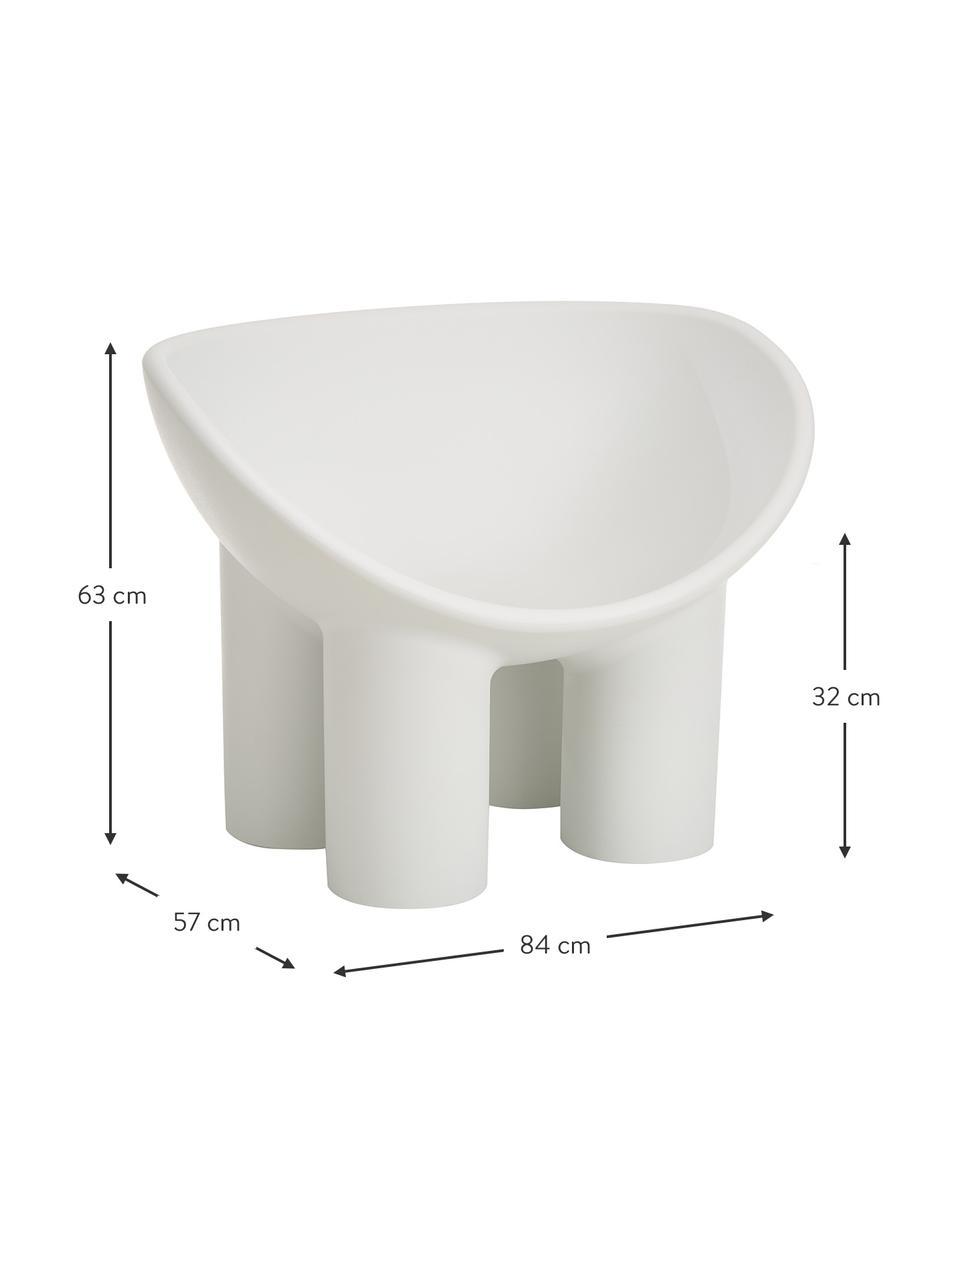 Design fauteuil Roly Poly in lichtgrijs, Polyethyleen, vervaardigd volgens het rotatiegietprocédé, Lichtgrijs, 84 x 57 cm